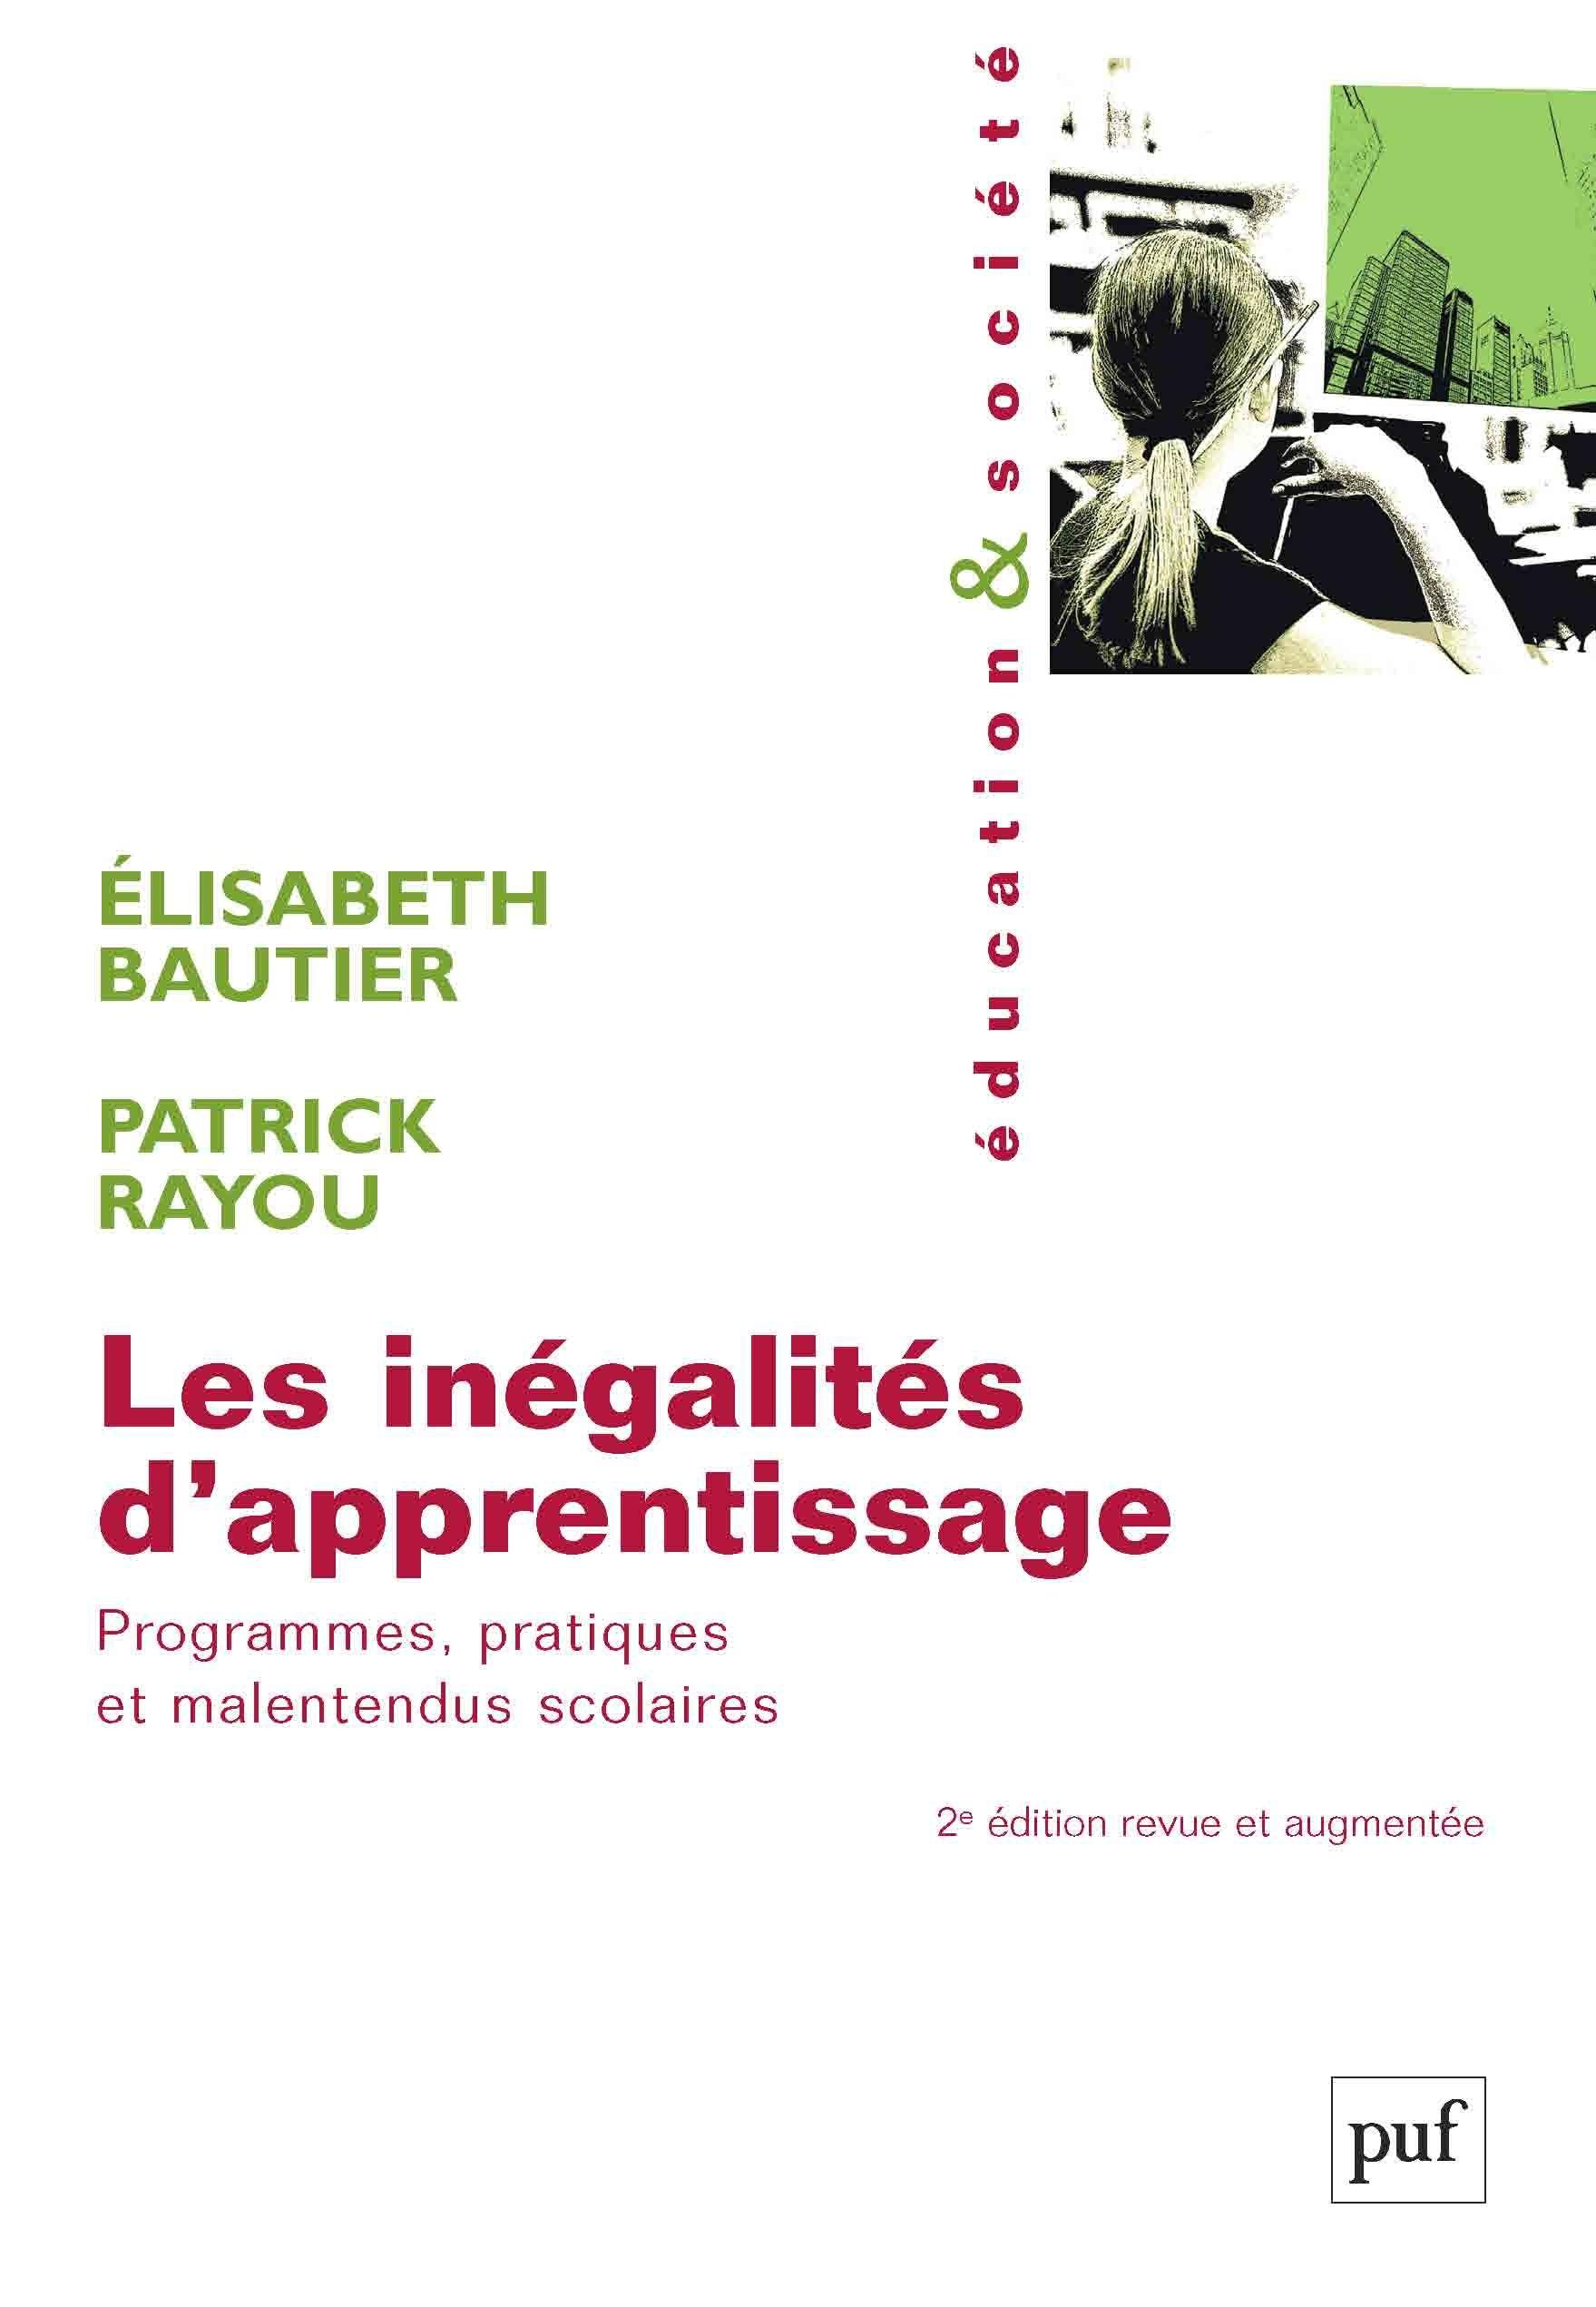 Les inégalités d'apprentissage ; programmes, pratiques et malentendus scolaires